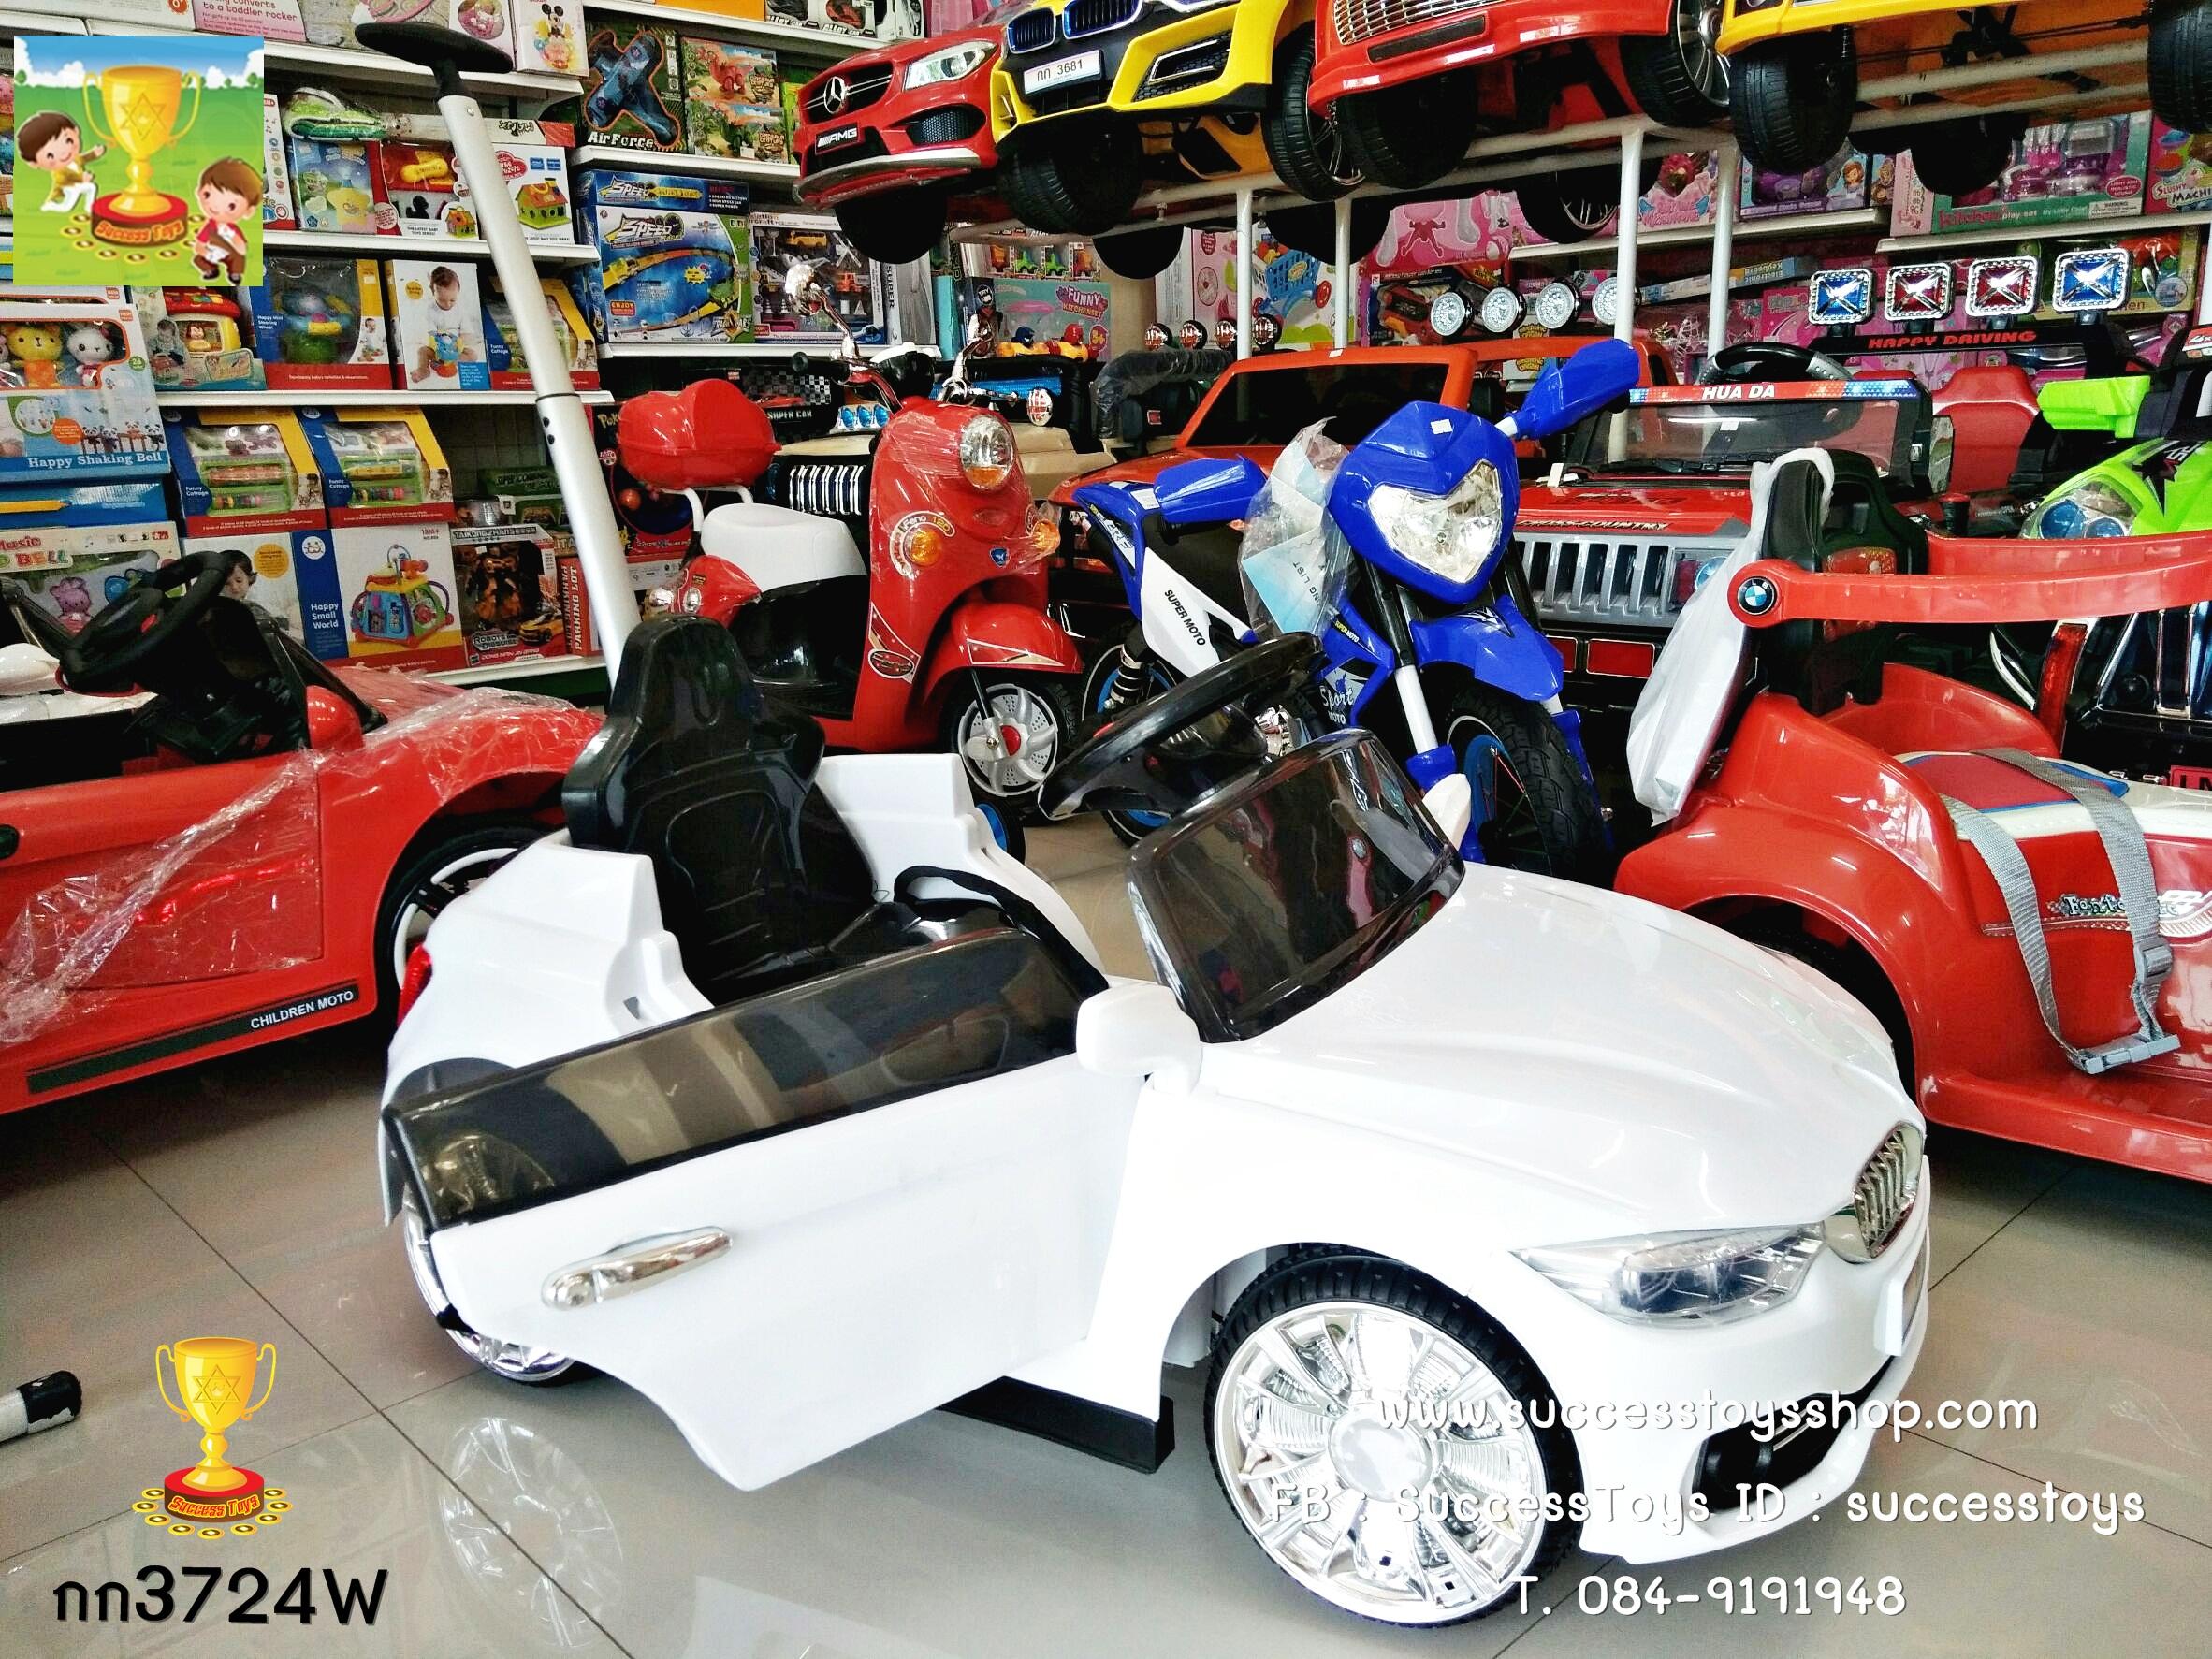 3724W รถแบตเตอรี่ไฟฟ้า BMW มีด้ามเข็น 2 มอเตอร์ มี2สี แดง ขาว